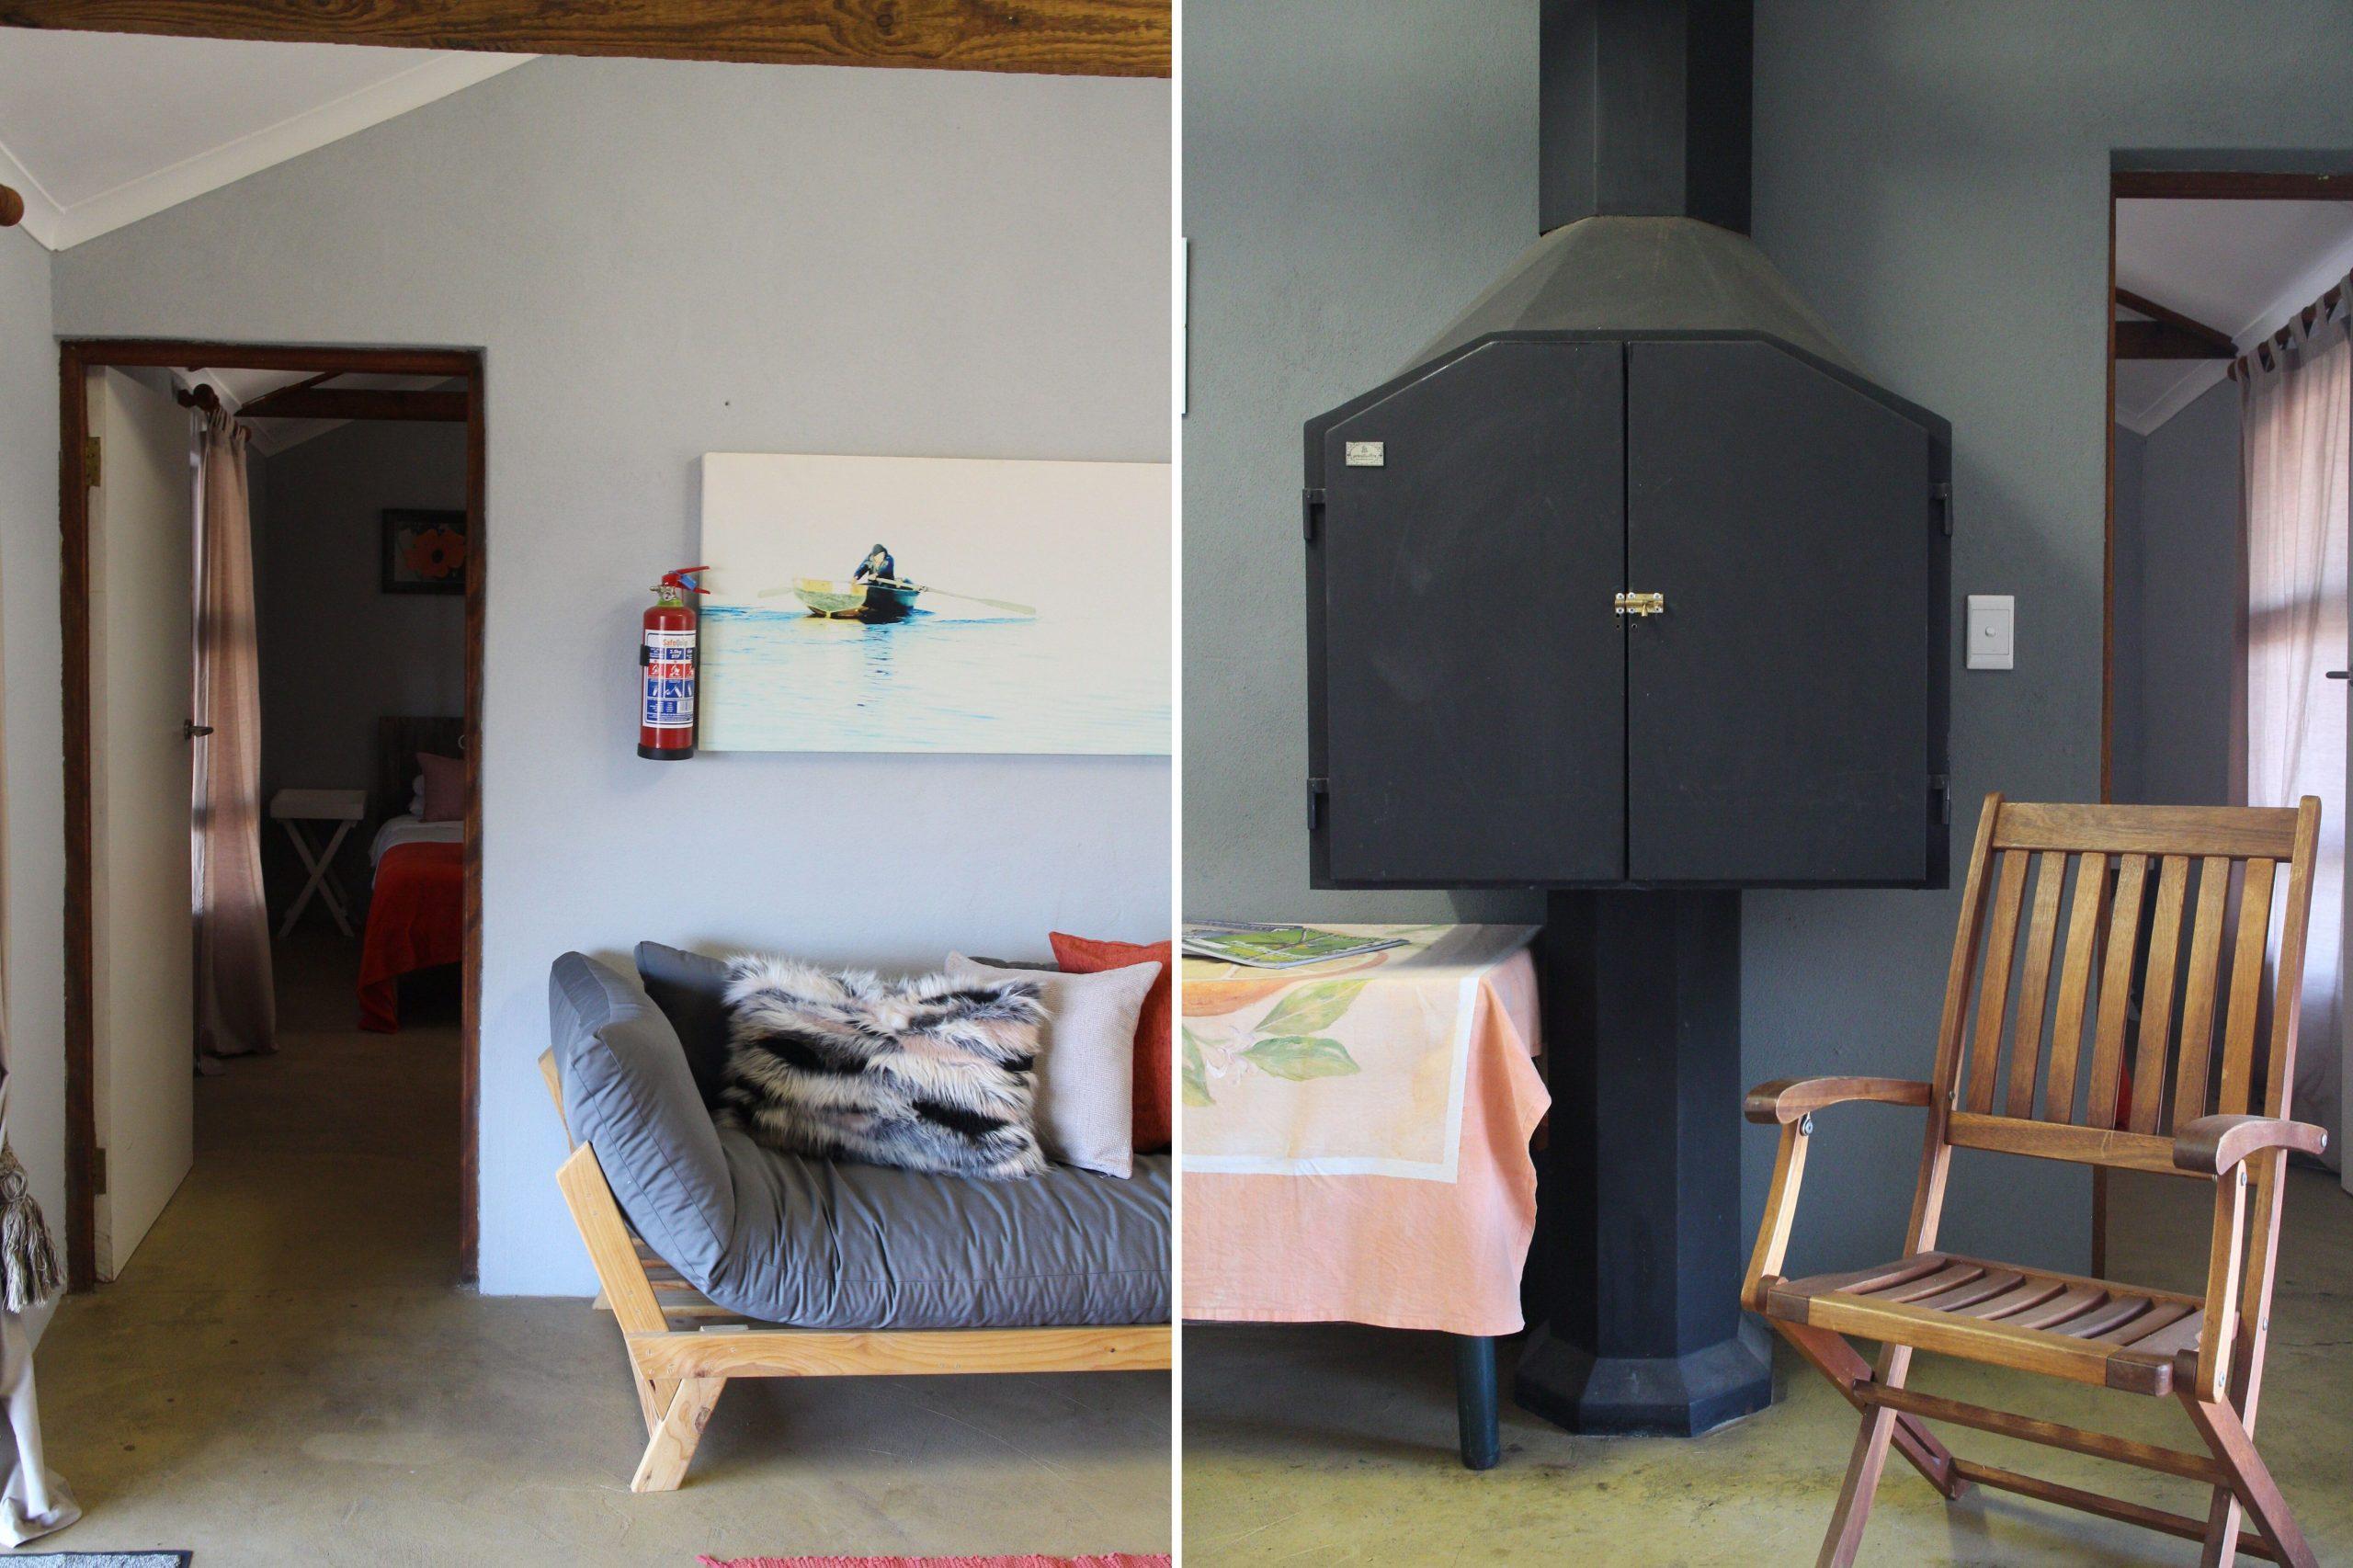 Kuifkopvisvanger - Rooireier, self catering accommodation in Velddrif, Berg River 6